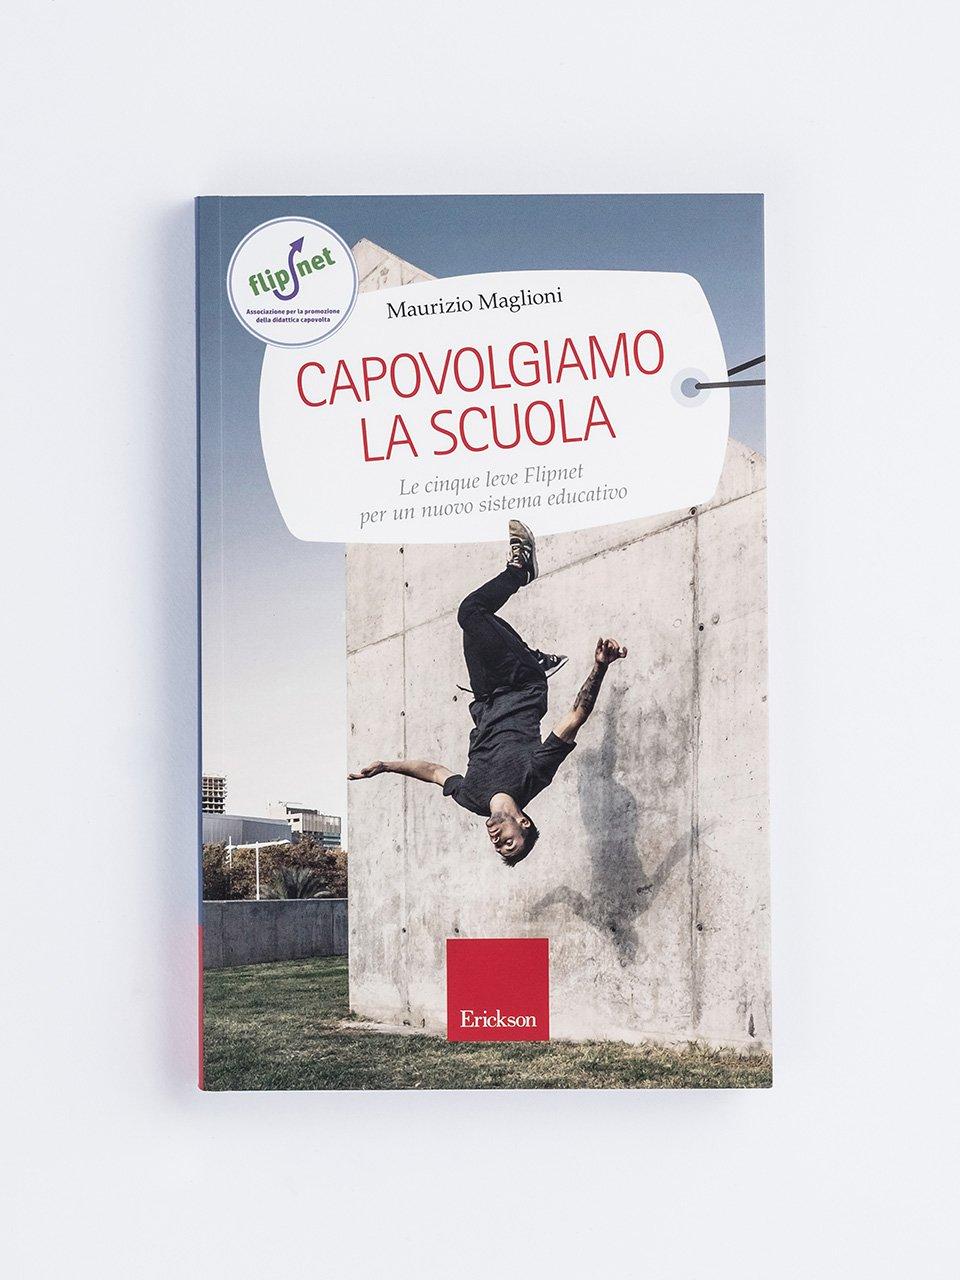 Capovolgiamo la scuola - Didattica capovolta: italiano, storia e geografia - Libri - Erickson